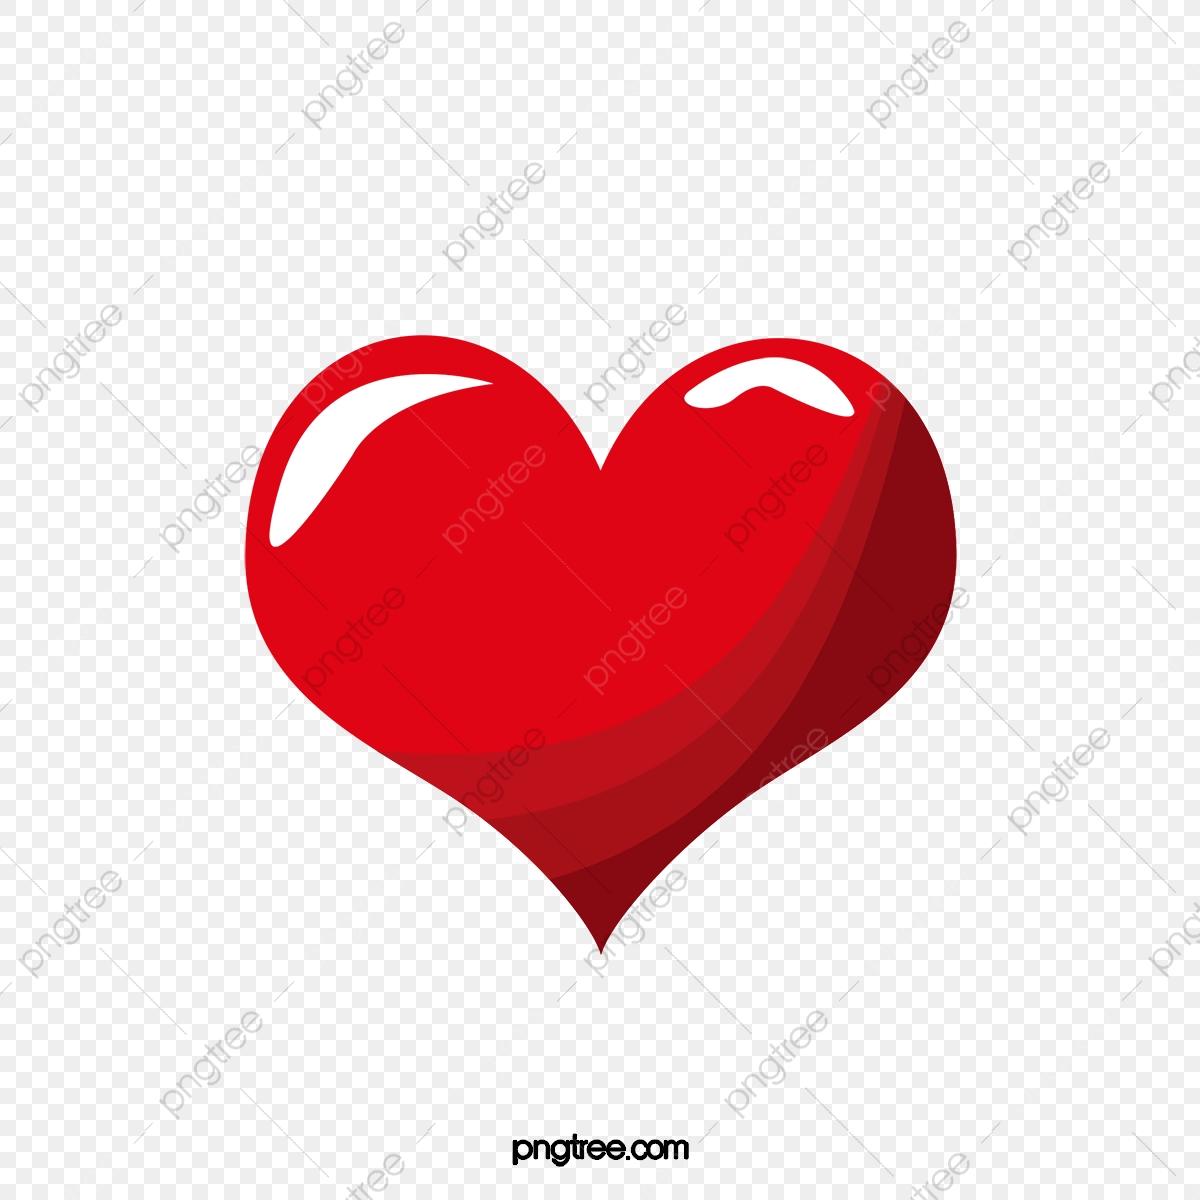 Red Heart Cartoon Heart Outline, Heart Clipart, Cartoon.